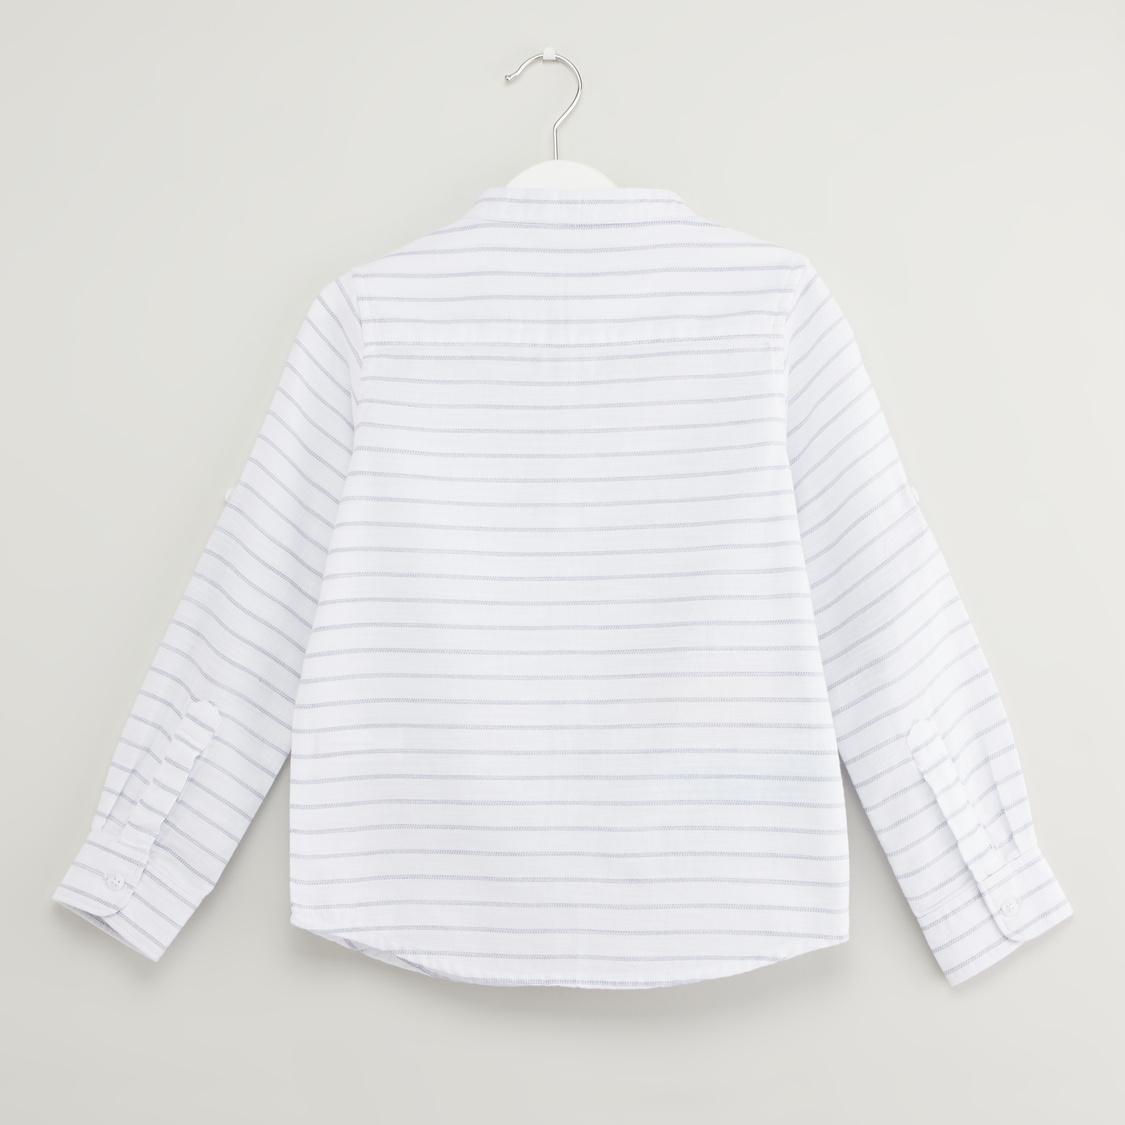 قميص مقلّم بياقة ماندارين وأكمام طويلة